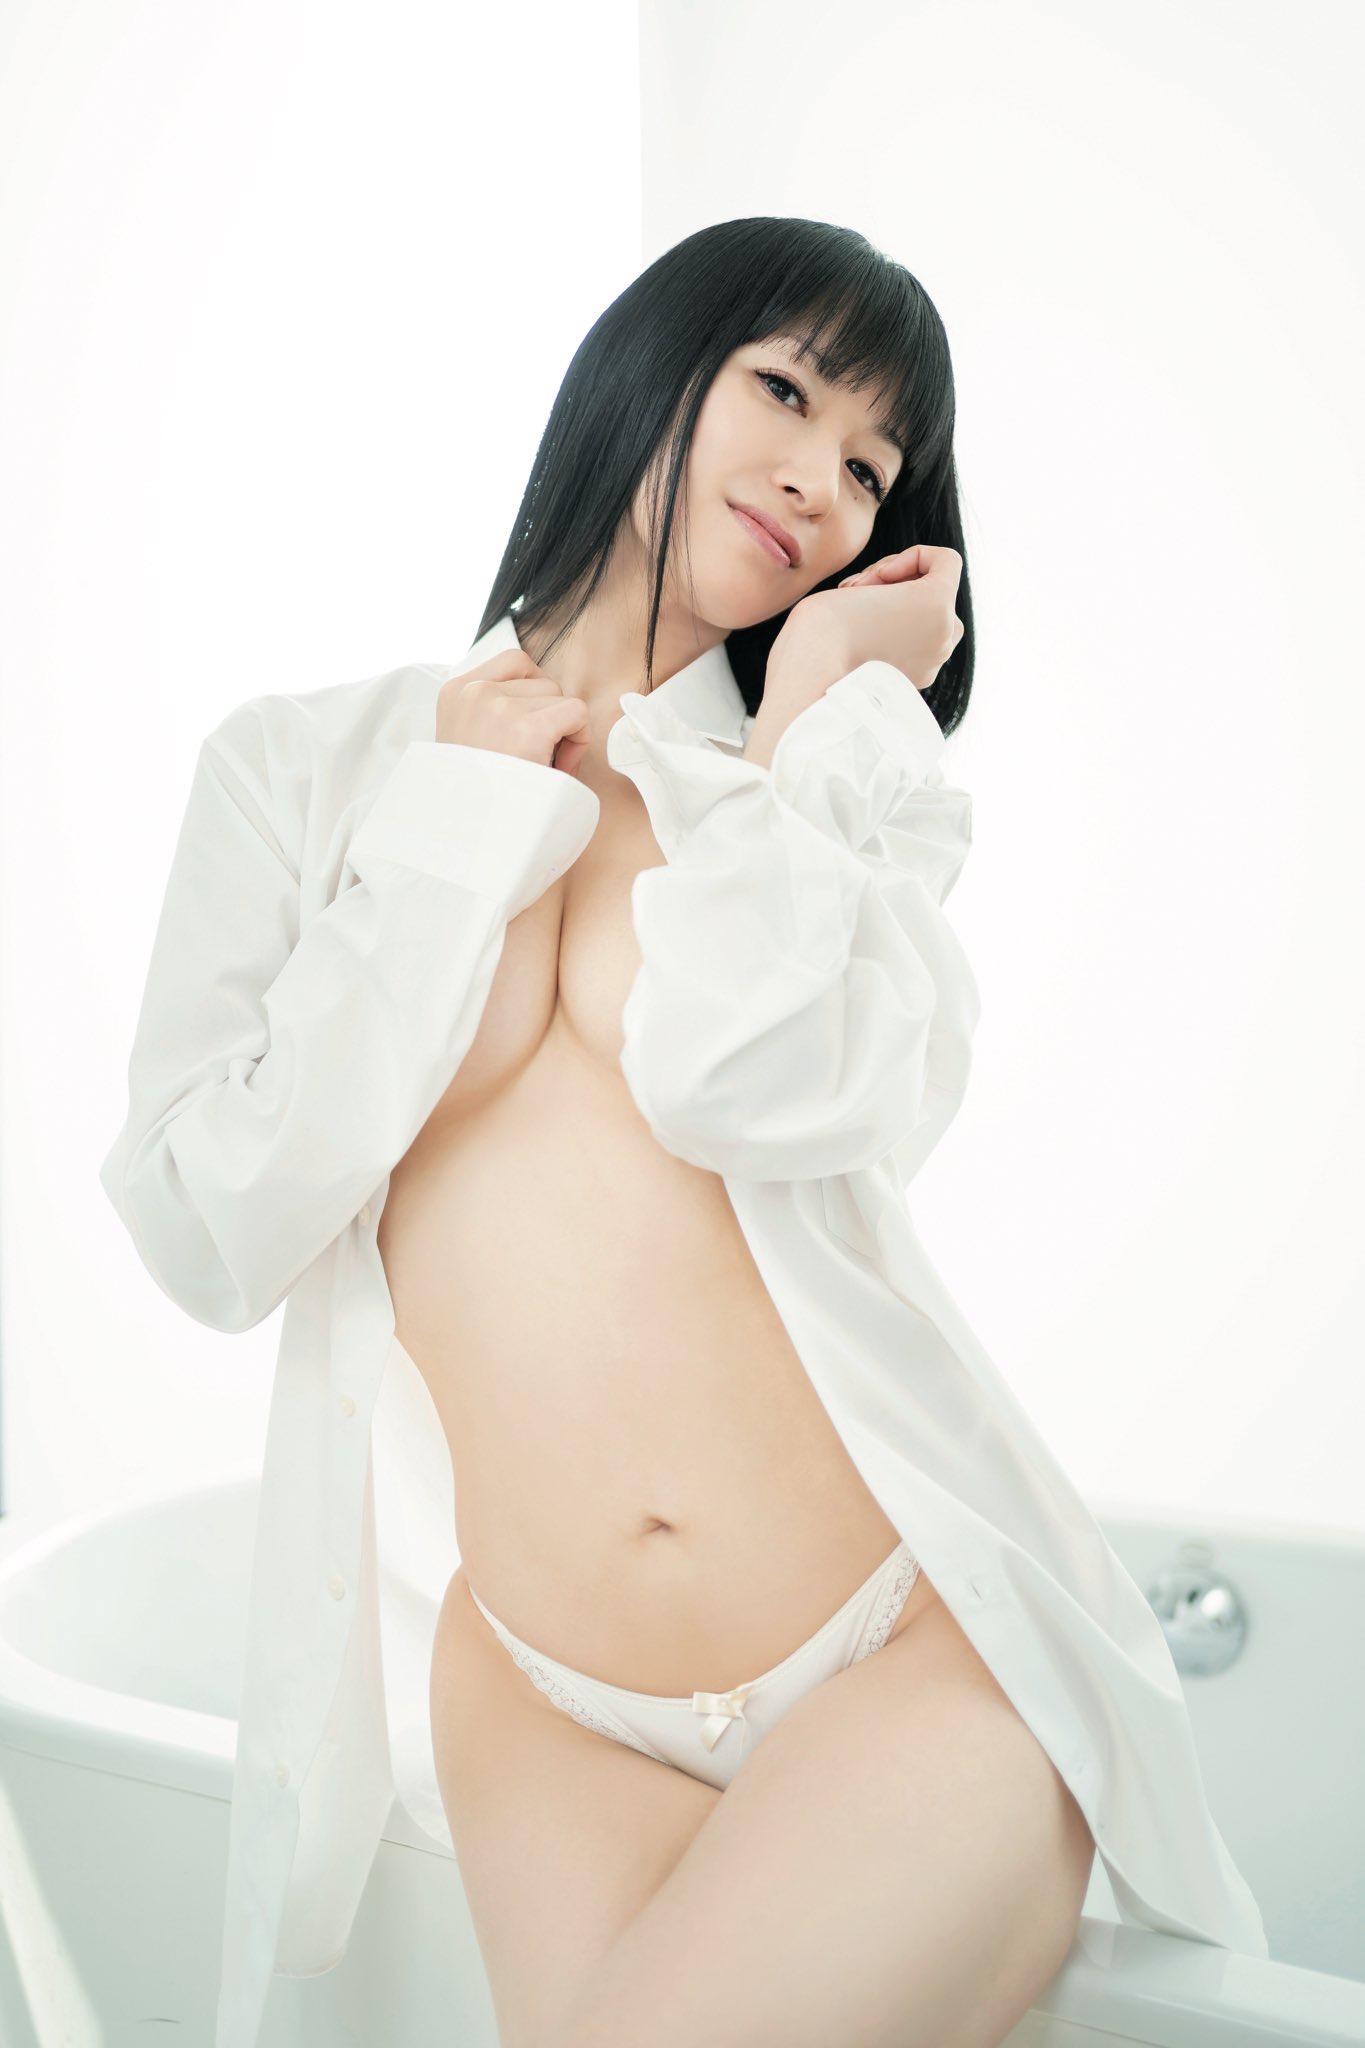 【画像】田中理恵、限界ギリギリに挑戦してしまうw